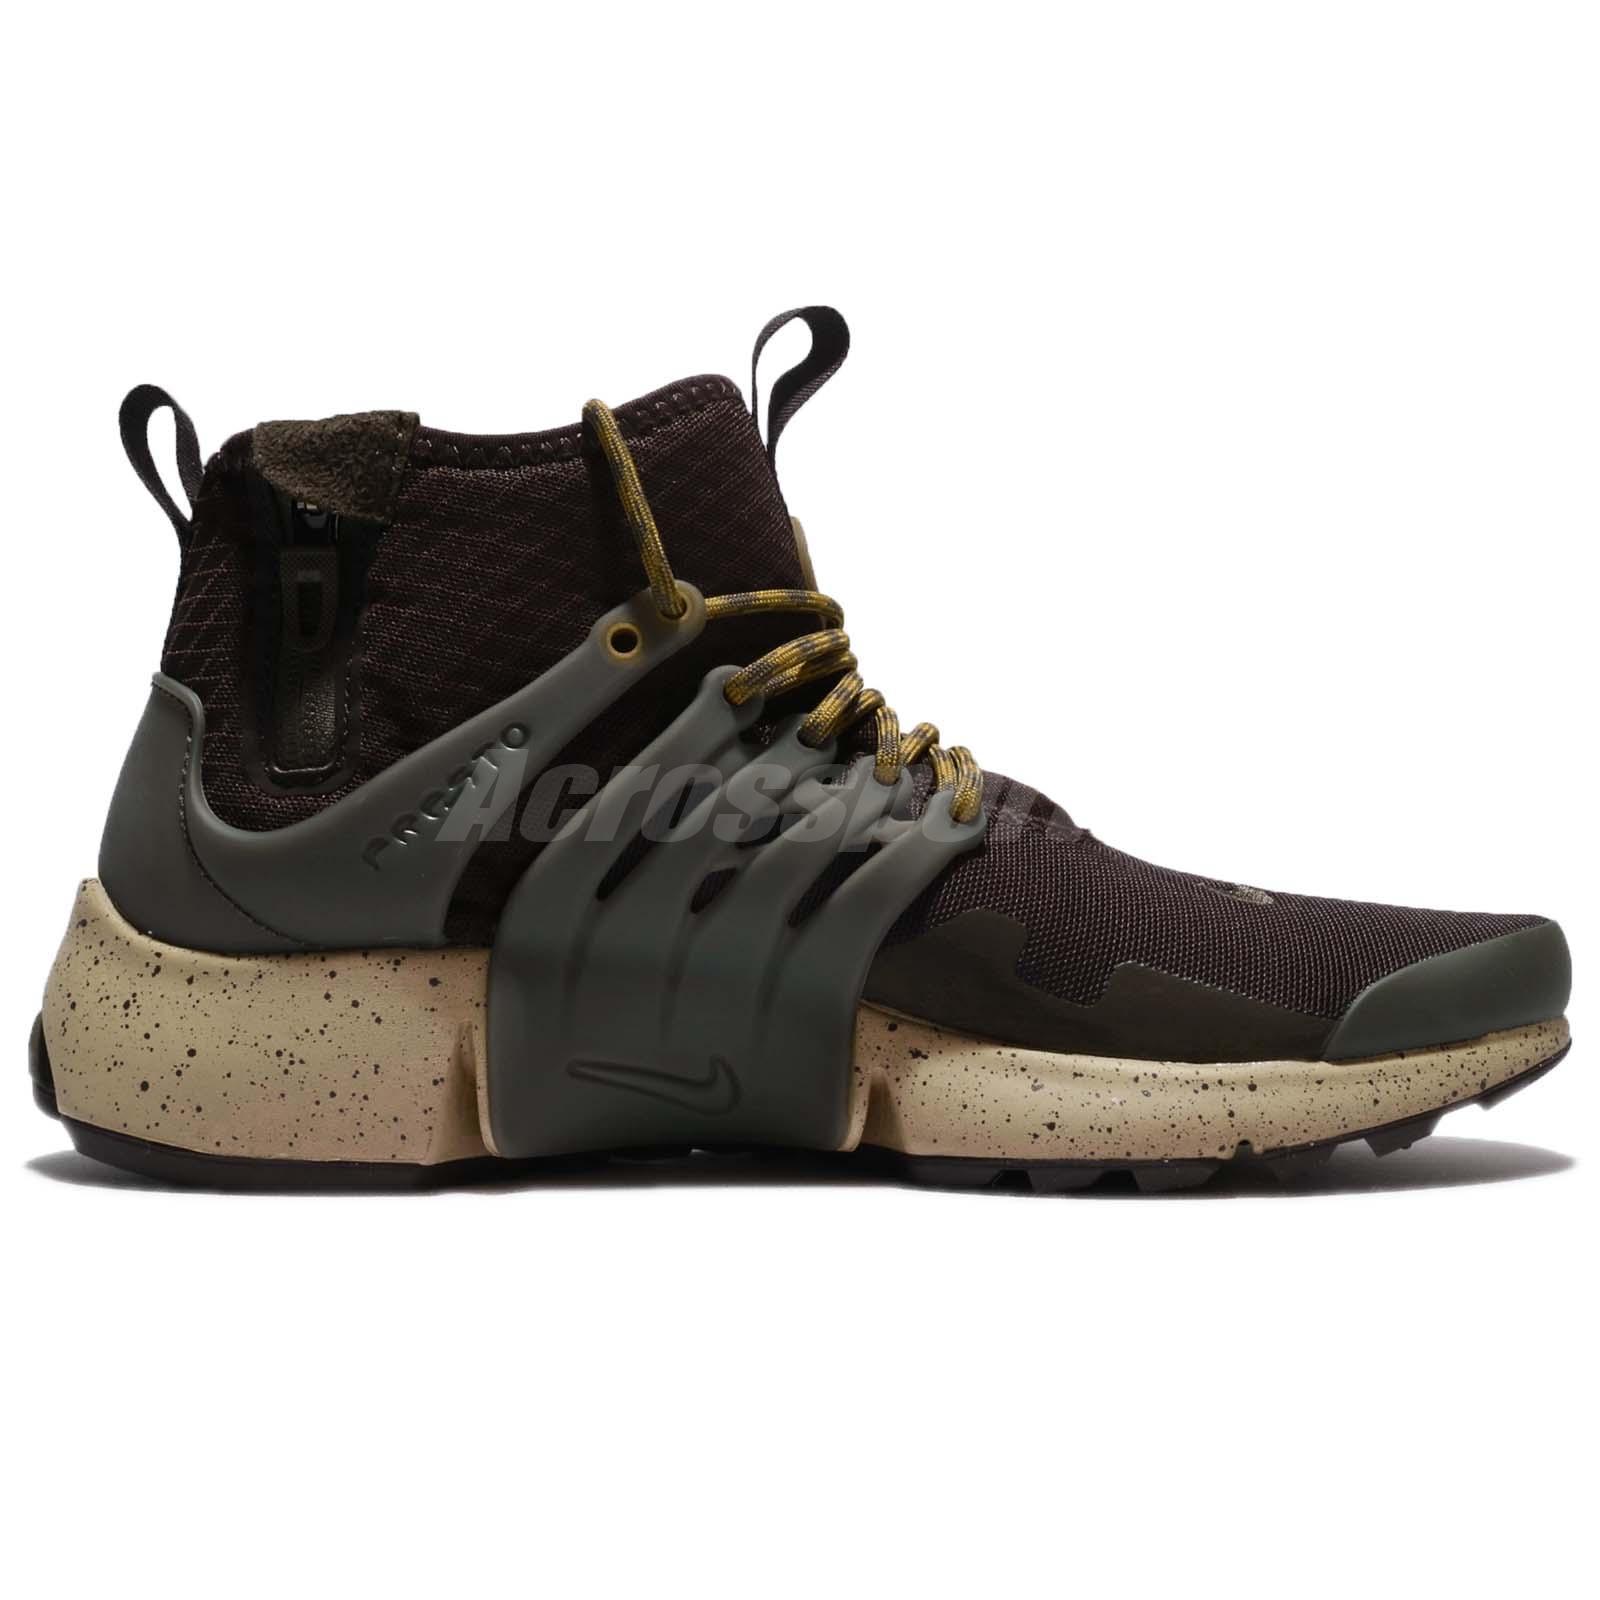 nike air presto meta di velluto marrone carico cachi uomini scarpa